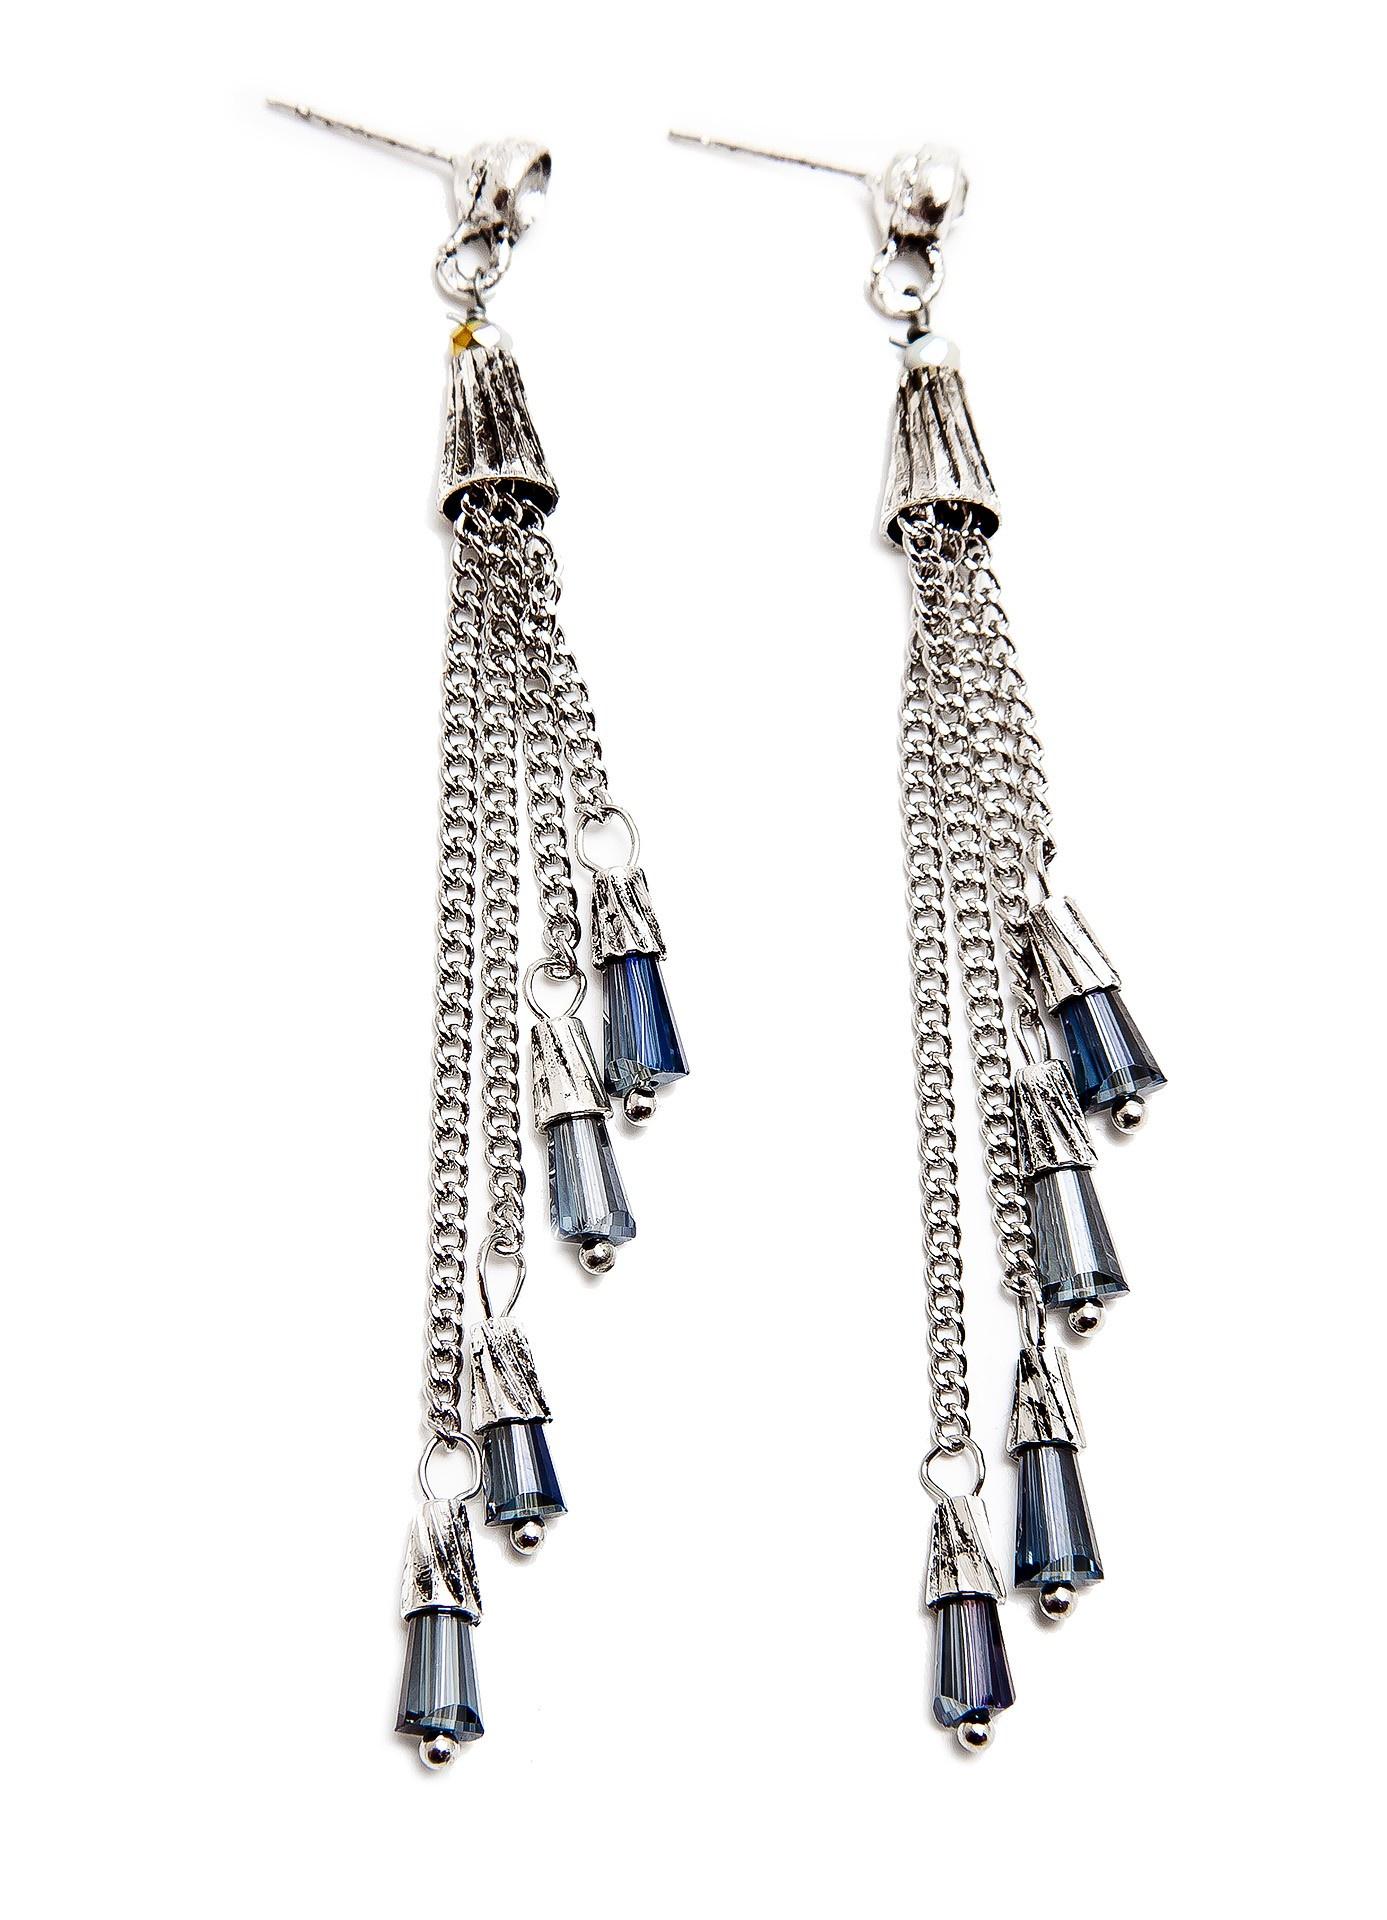 Серьги Aiyony Macie, ER800149, серебряныйER800149Размер 8 х 1 см. Состав: кристаллы, стразы, сплав на основе латуни